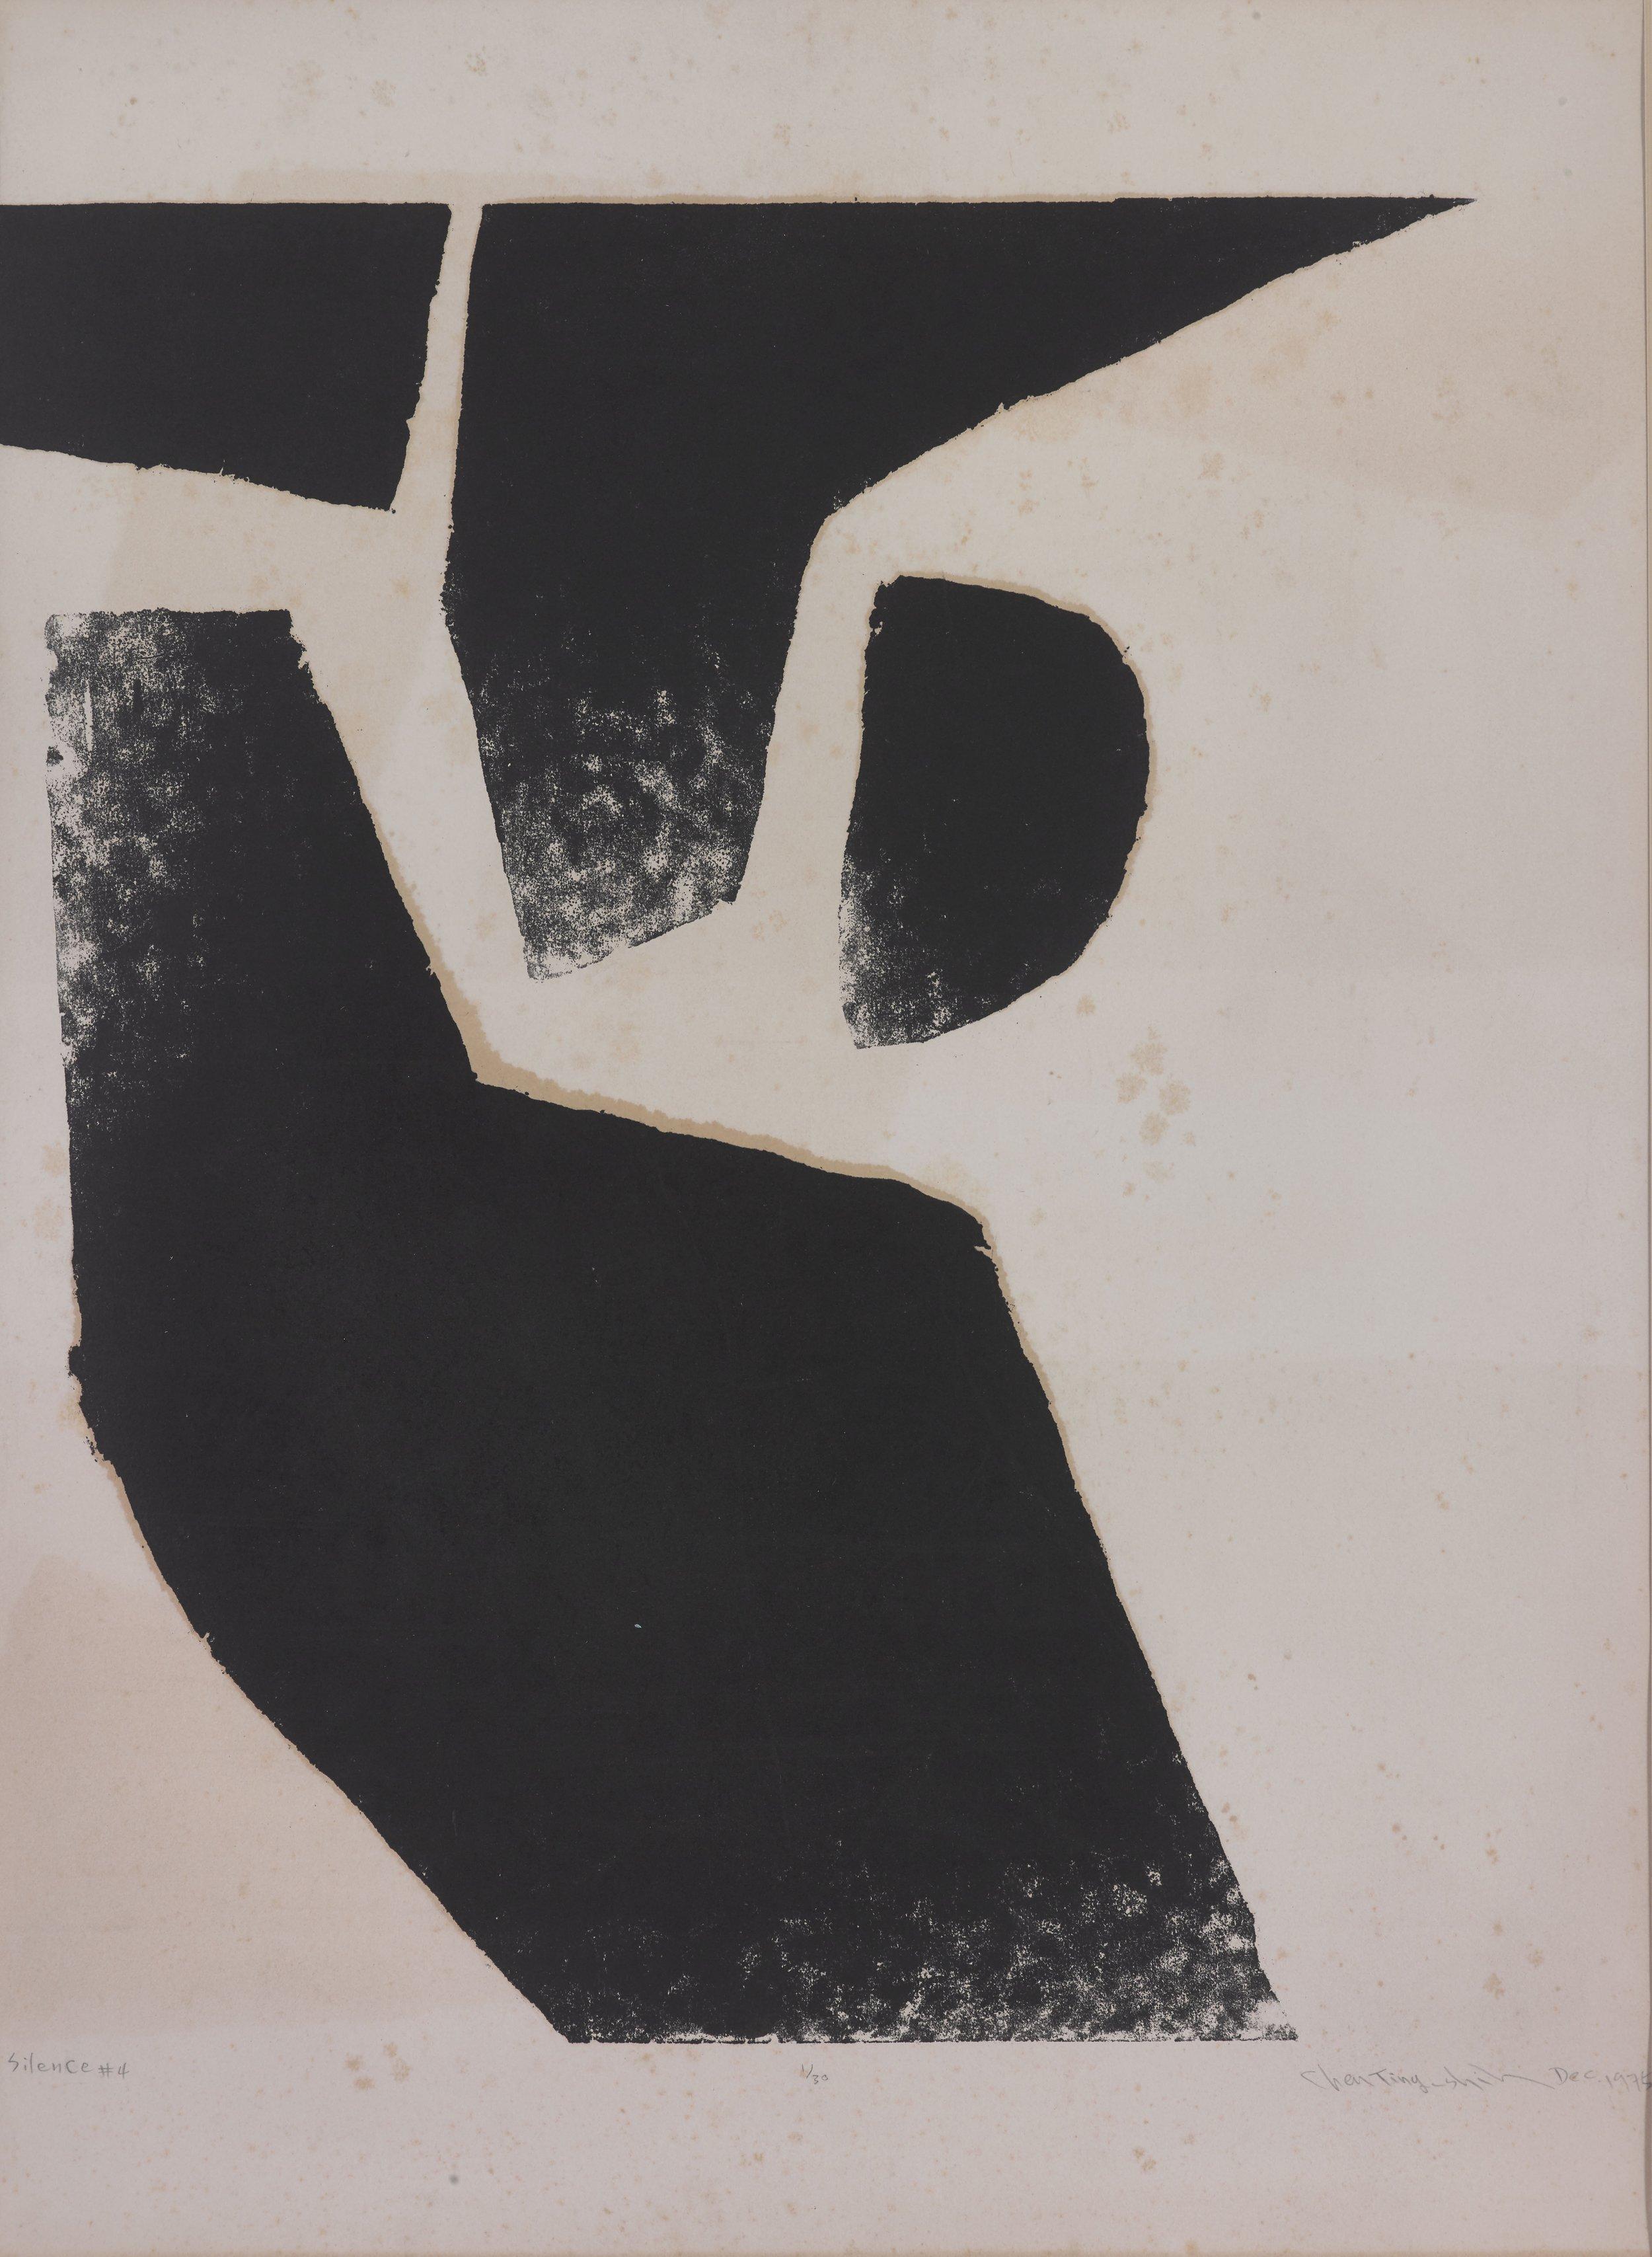 Chen Ting-Shih, Silence #4, 75x55cm, woodcut print, 1975.png